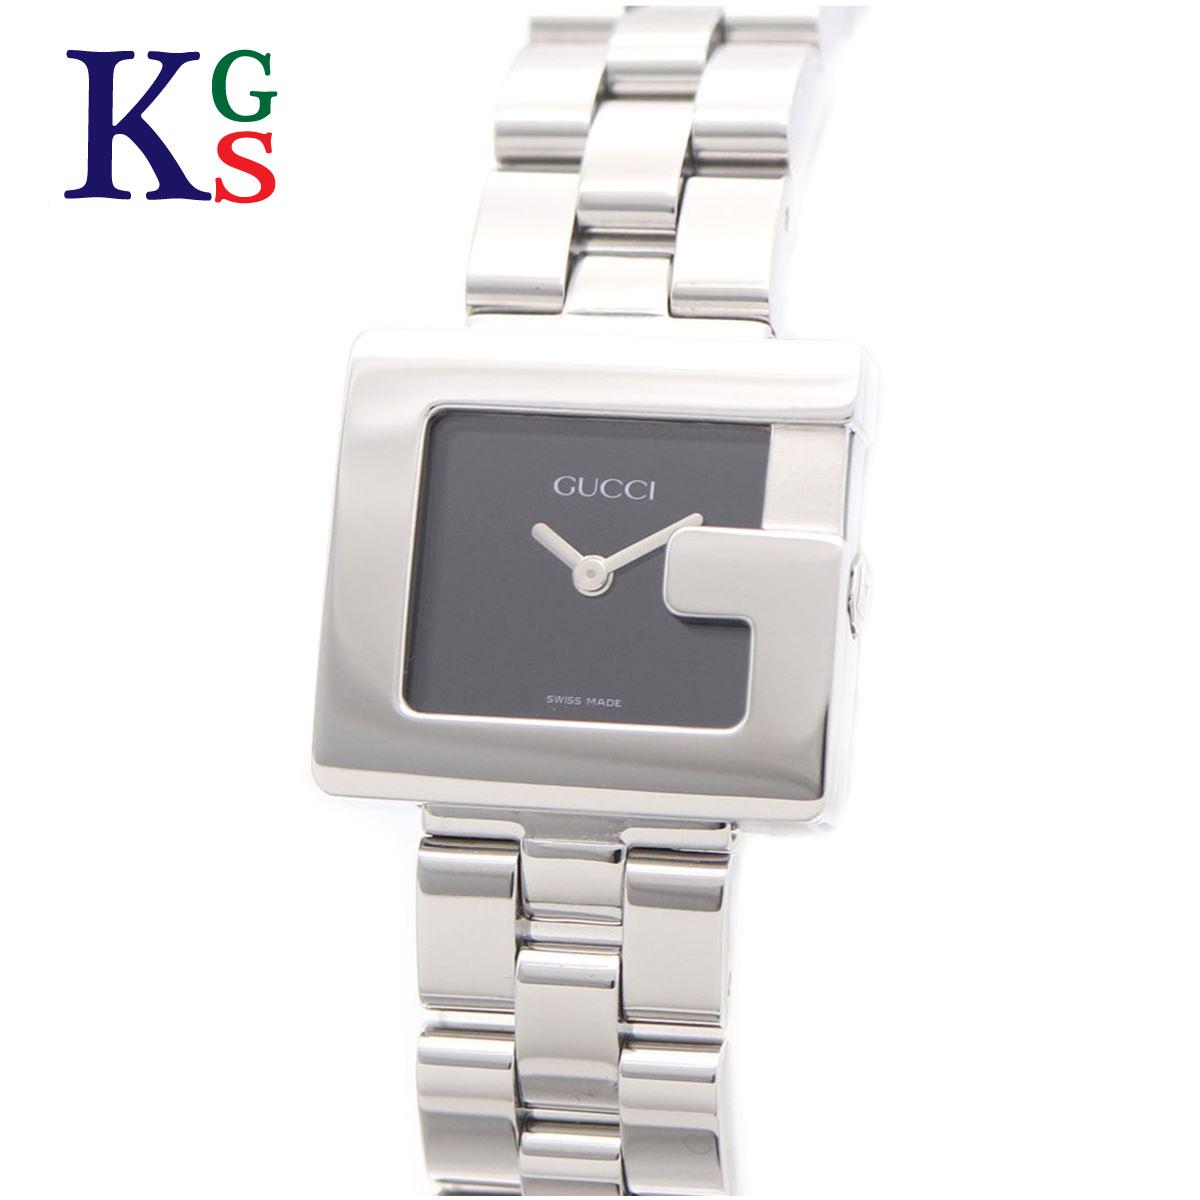 【ギフト品質】グッチ/GUCCI レディース 腕時計 Gウォッチ ステンレススチール ブラック文字盤 3600L